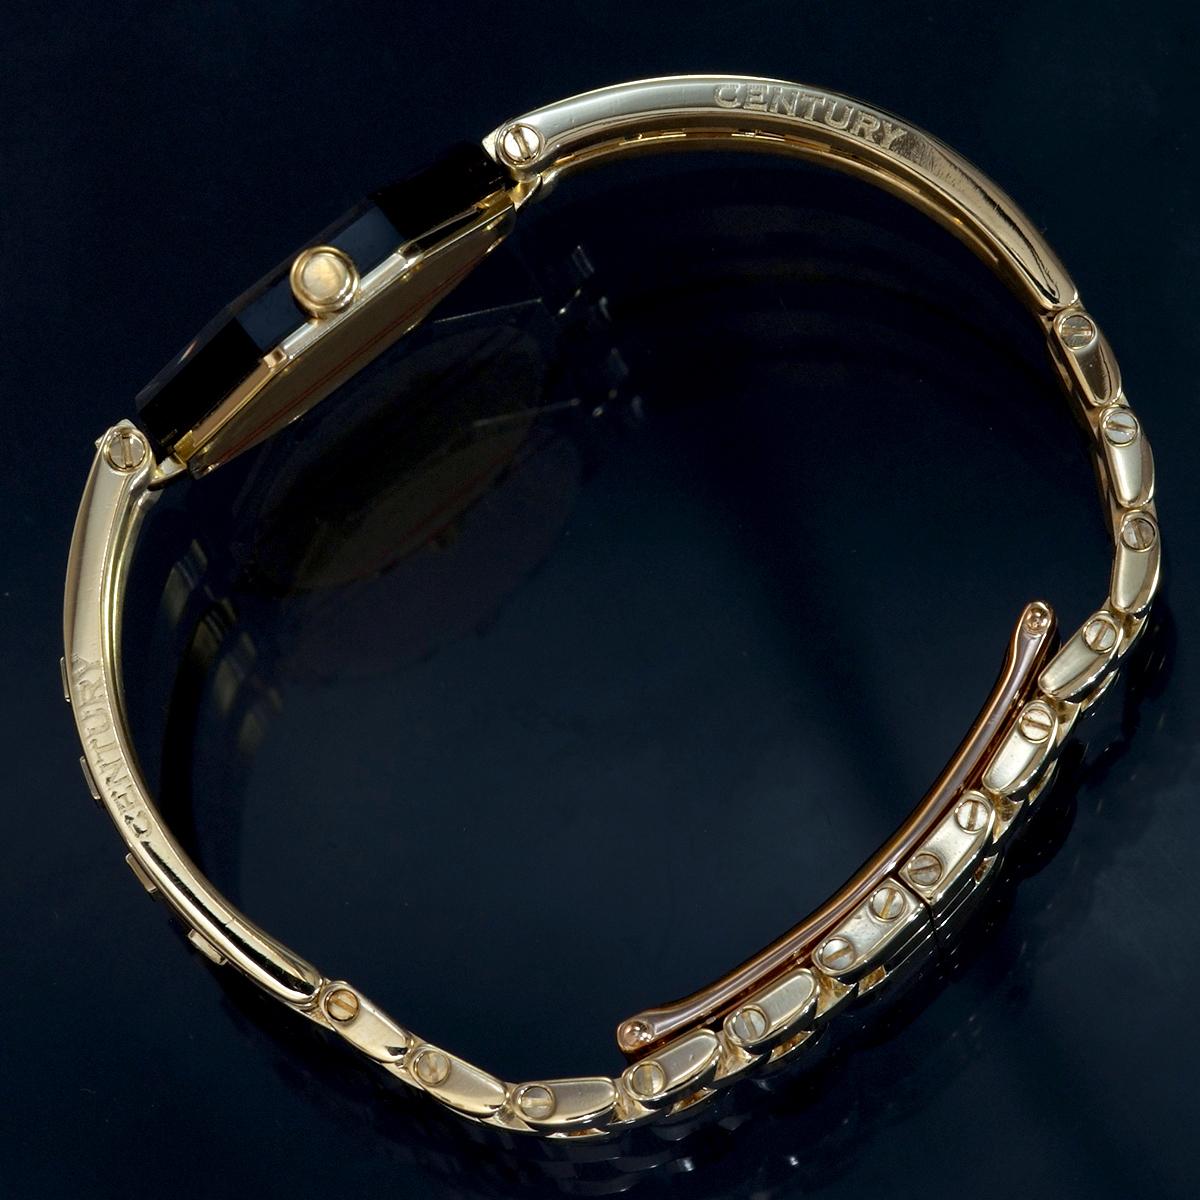 E9768【CENTURY】センチュリー 純正ダイヤモンド 最高級18金無垢セレブリティレディQZ 腕周り16cm 重量61.31g ケース幅22.7mm_画像5